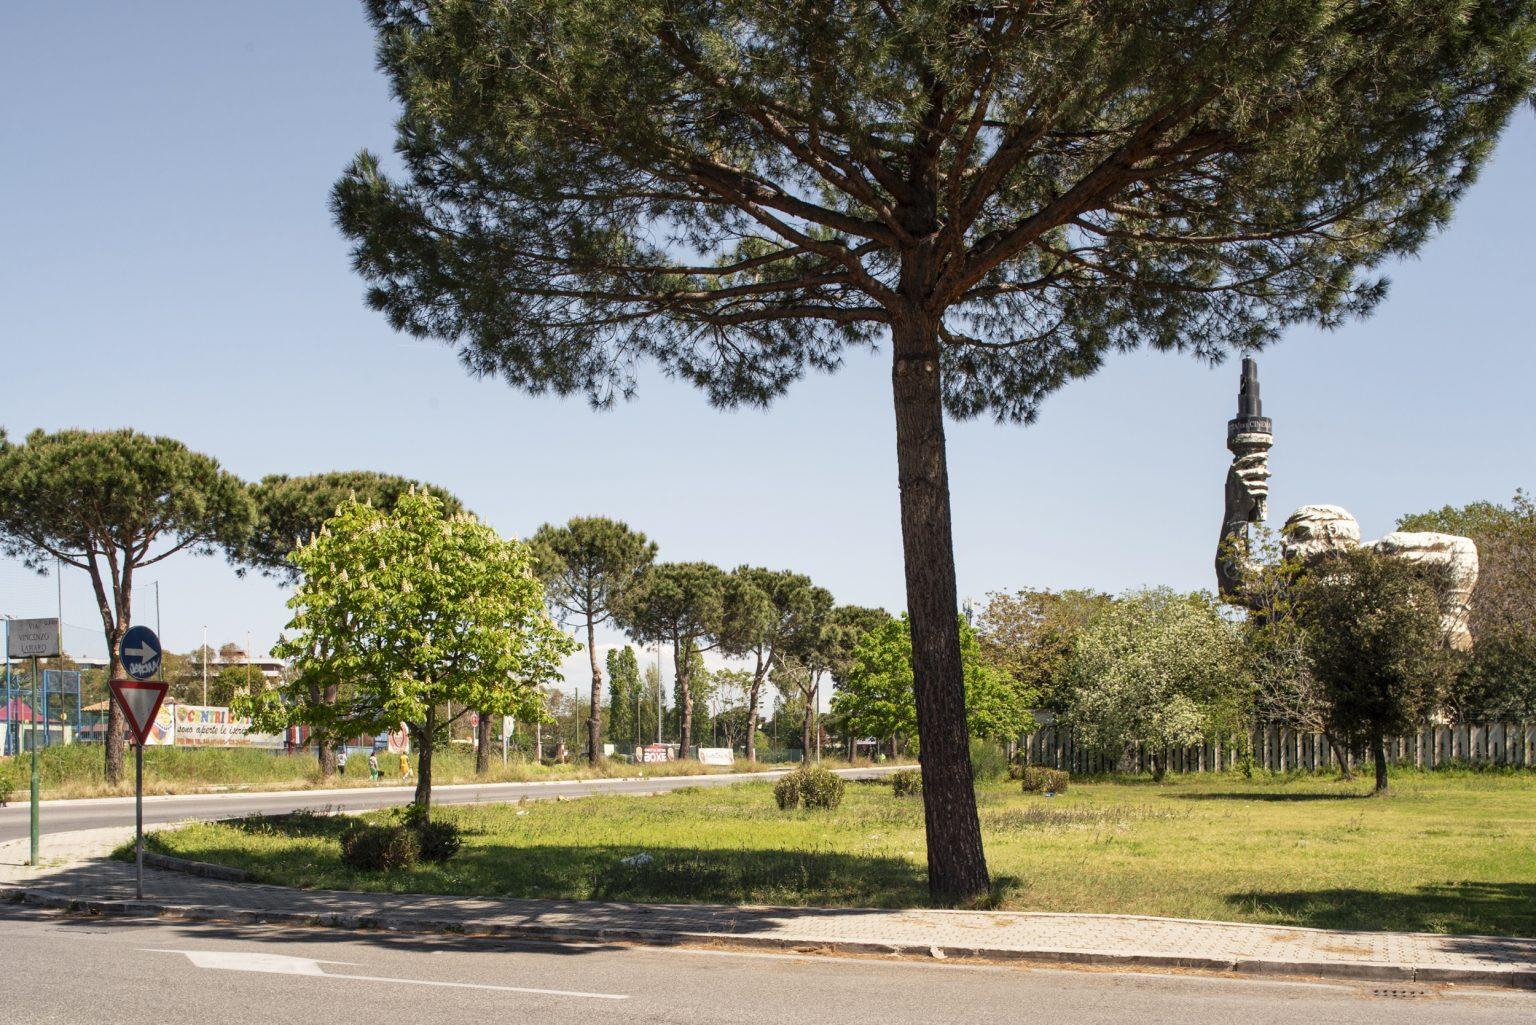 Rome, April 2017 - Via Vincenzo Lamaro- Tuscolano, Cinecittà district. >< Roma, aprile 2017 - Via Vincenzo Lamaro - Quartiere Tuscolano, Cinecittà.